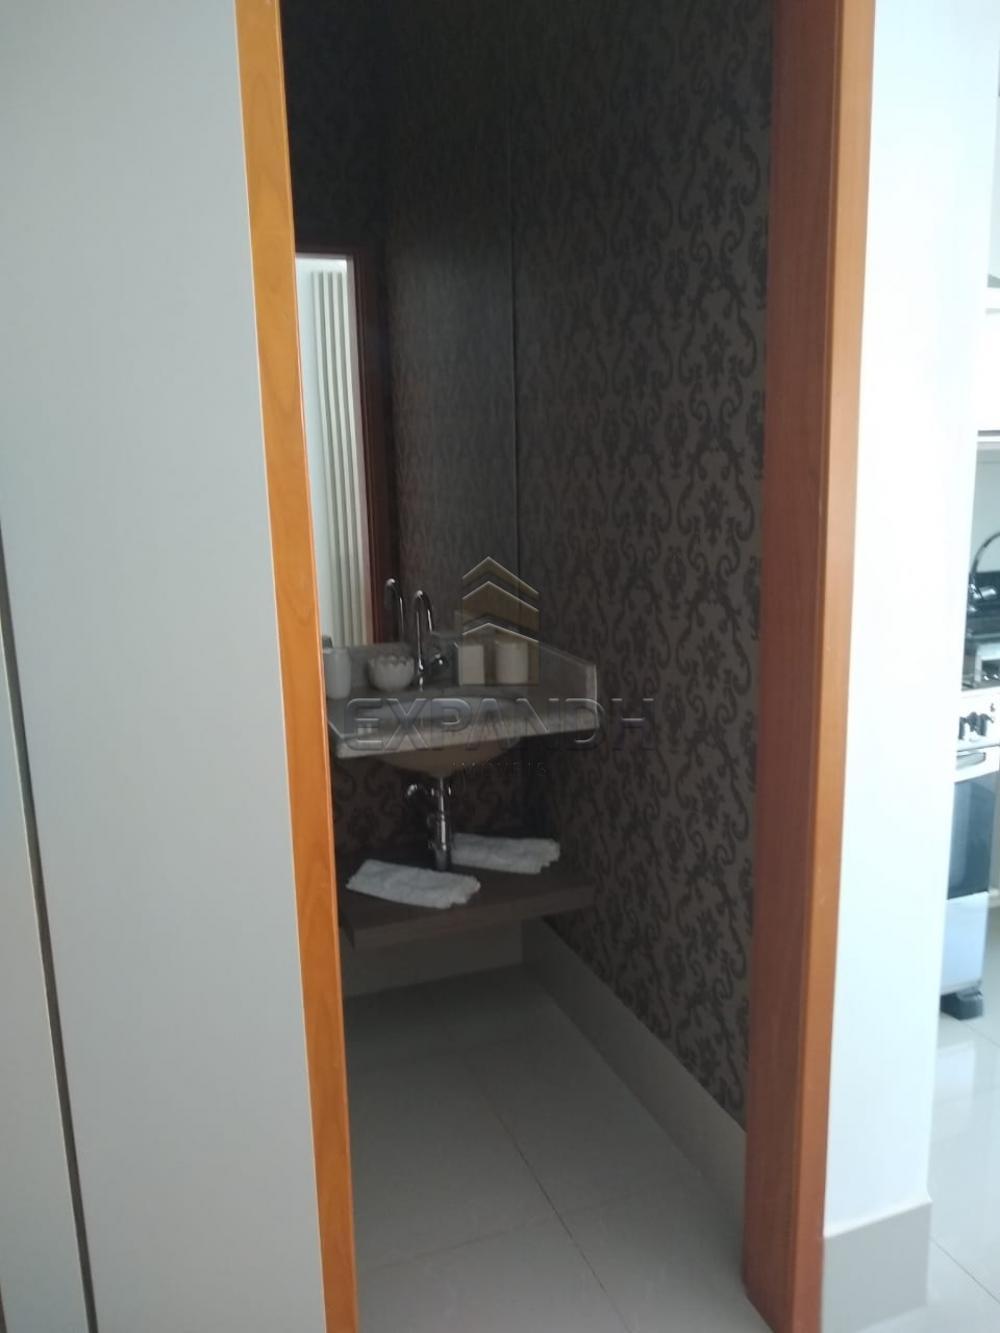 Comprar Casas / Condomínio em Sertãozinho apenas R$ 413.000,00 - Foto 8